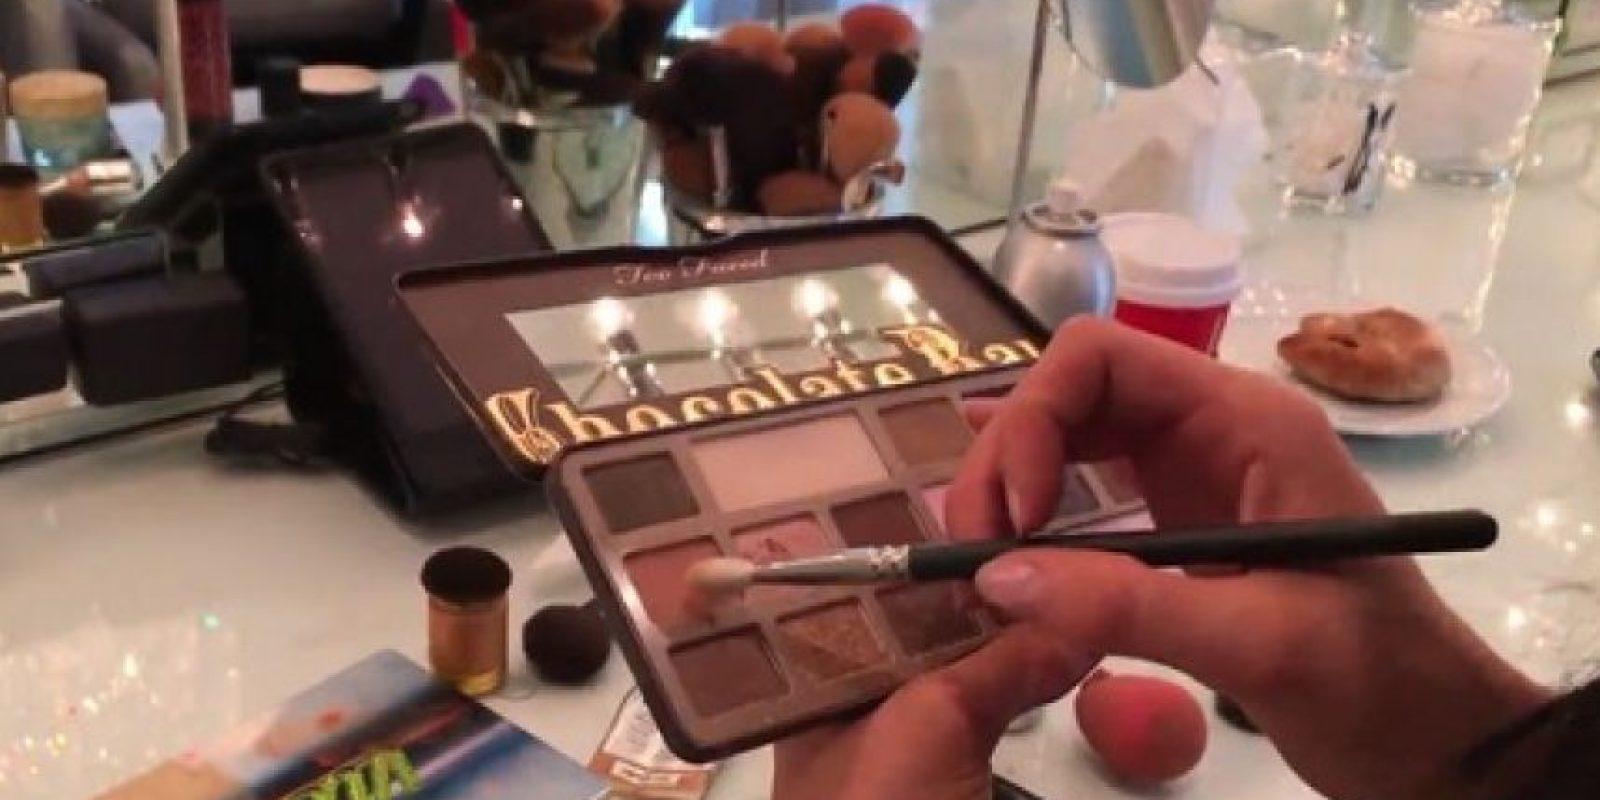 Kylie, también utiliza una peleta de sombras Urban Vice 3 con valor de 60 dólares. Foto:www.thekyliejenner.com